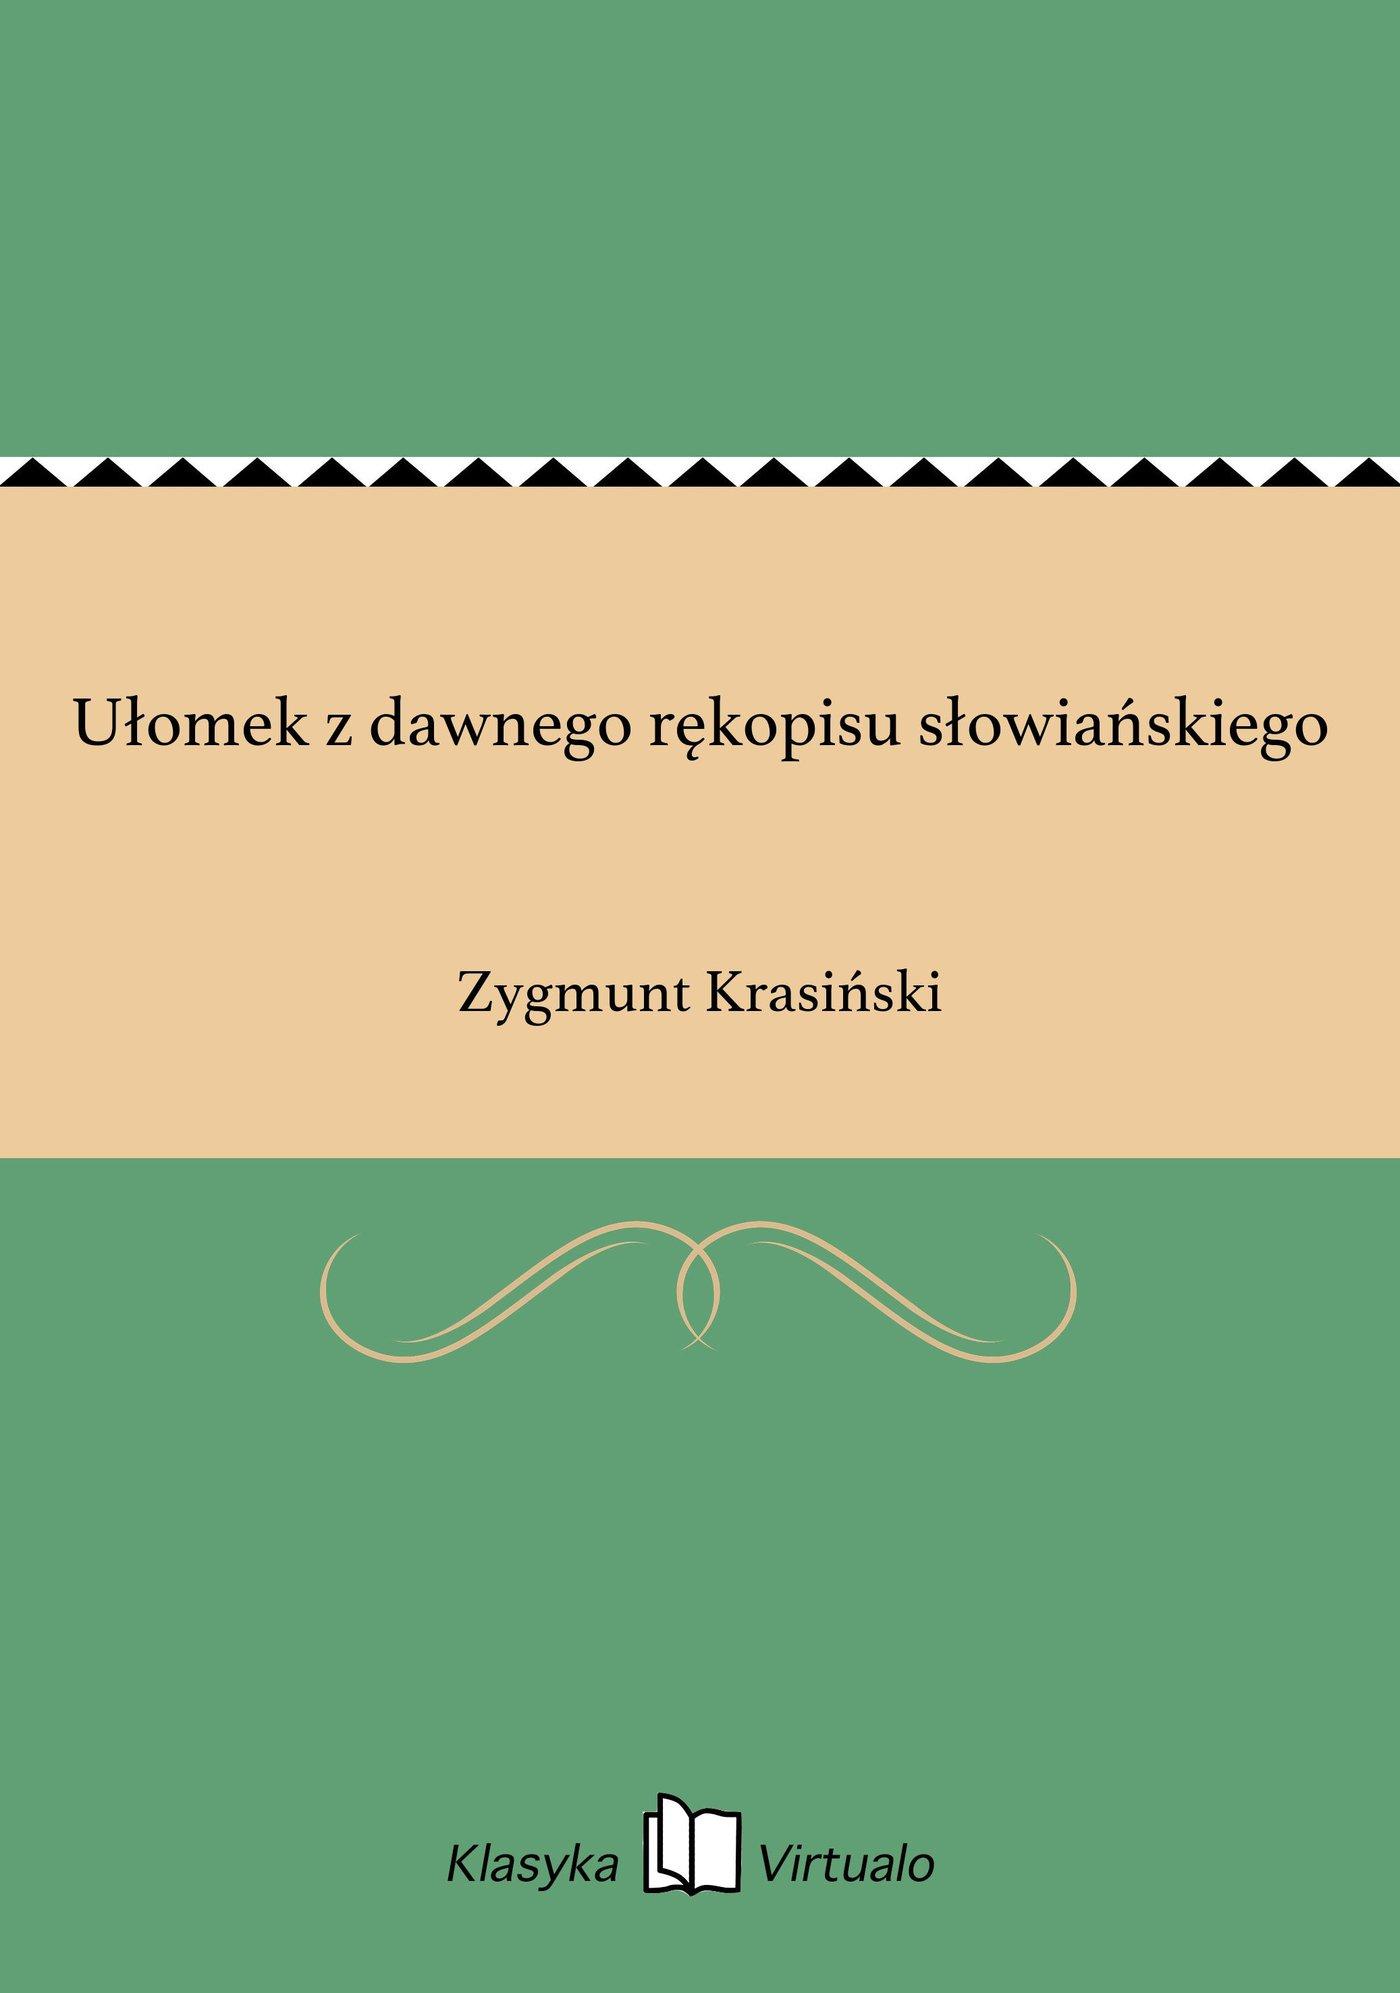 Ułomek z dawnego rękopisu słowiańskiego - Ebook (Książka EPUB) do pobrania w formacie EPUB